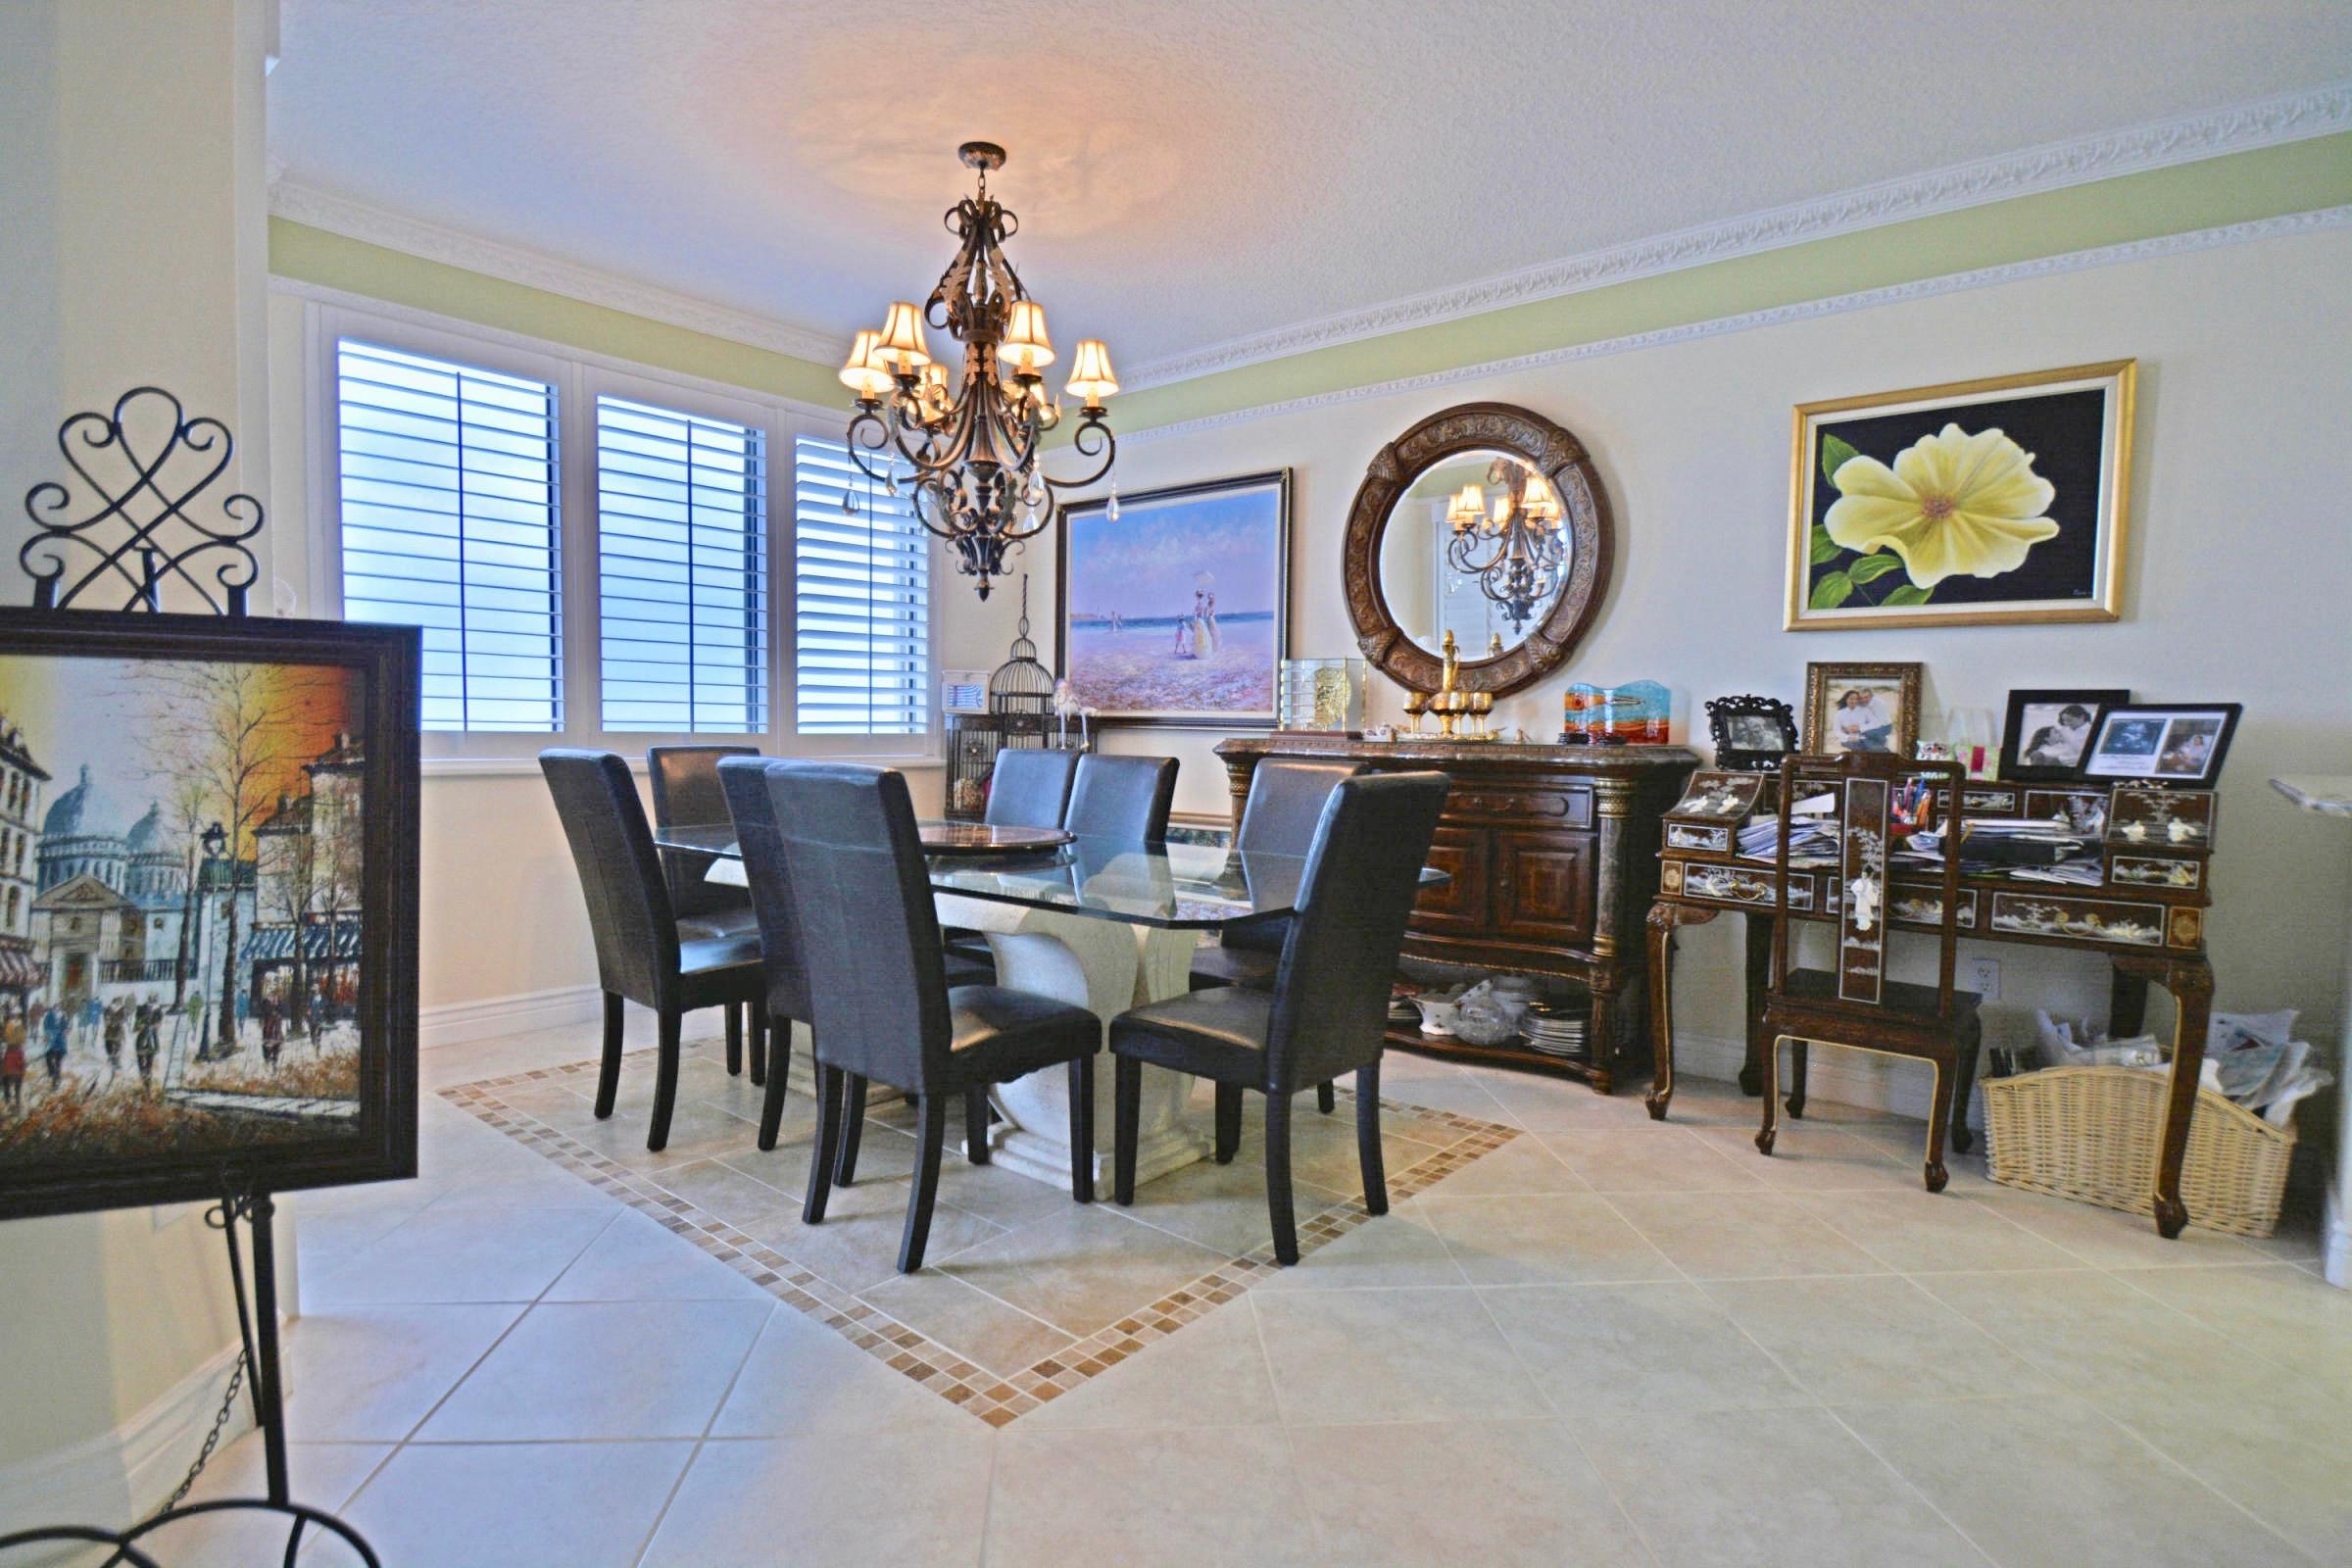 3920 A1a, Hutchinson Island, Florida 34949, 3 Bedrooms Bedrooms, ,2.1 BathroomsBathrooms,Condo/Coop,For Sale,Ocean Pearl,A1a,12,RX-10438871